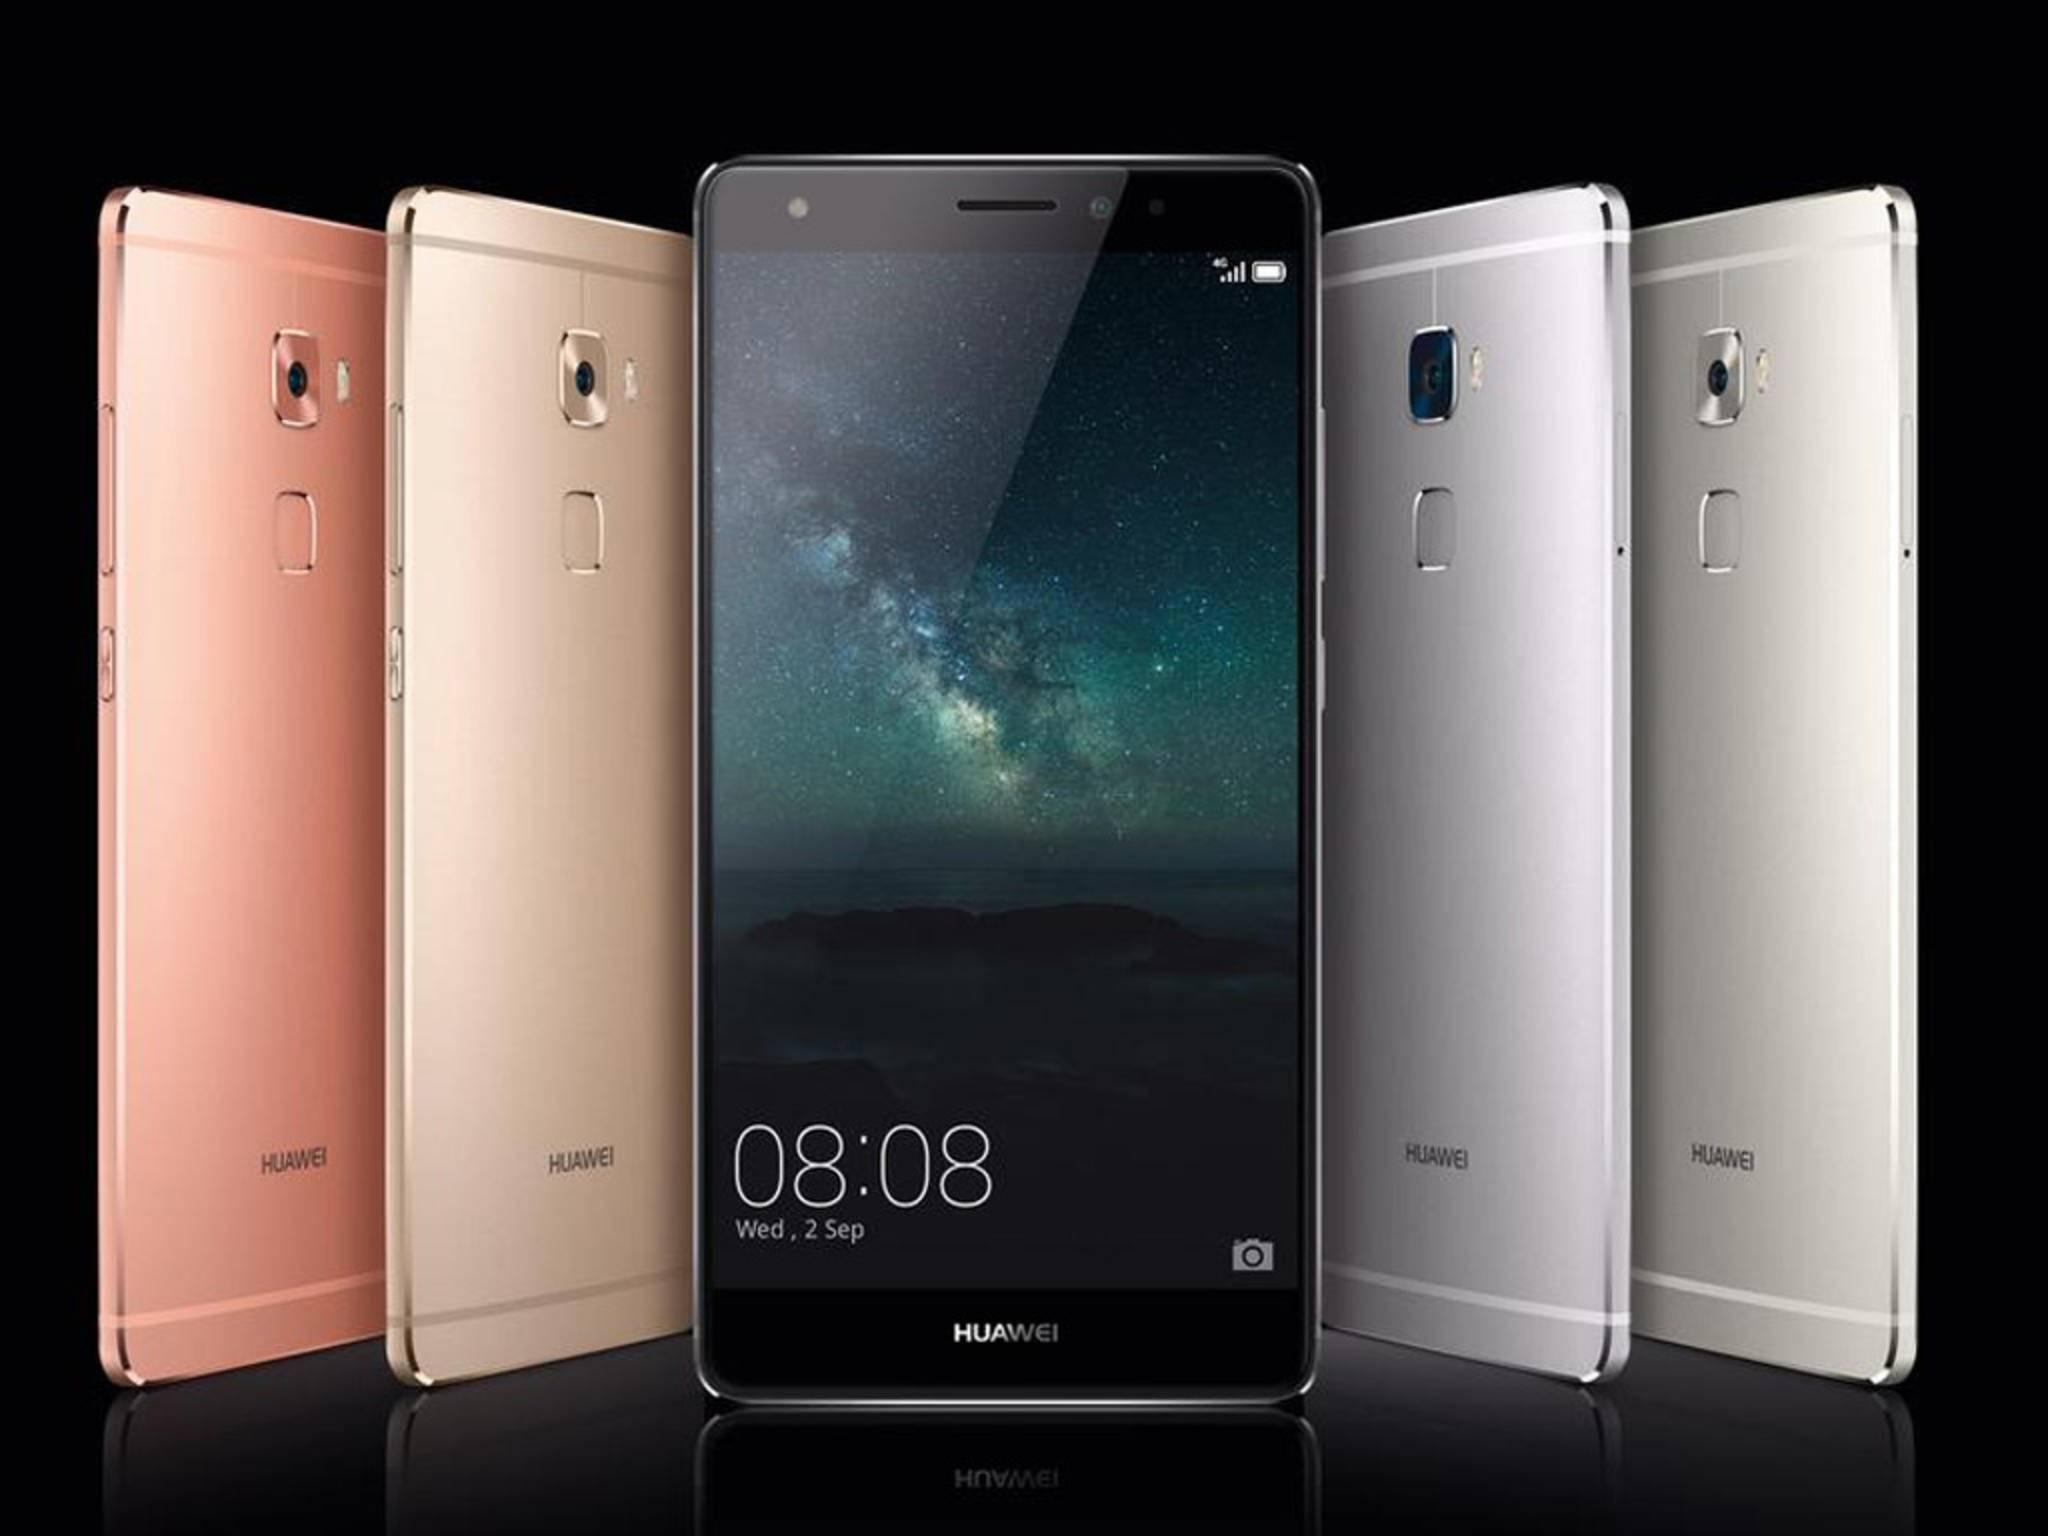 Das Huawei Mate S mit Force Touch wurde auf der IFA enthüllt.